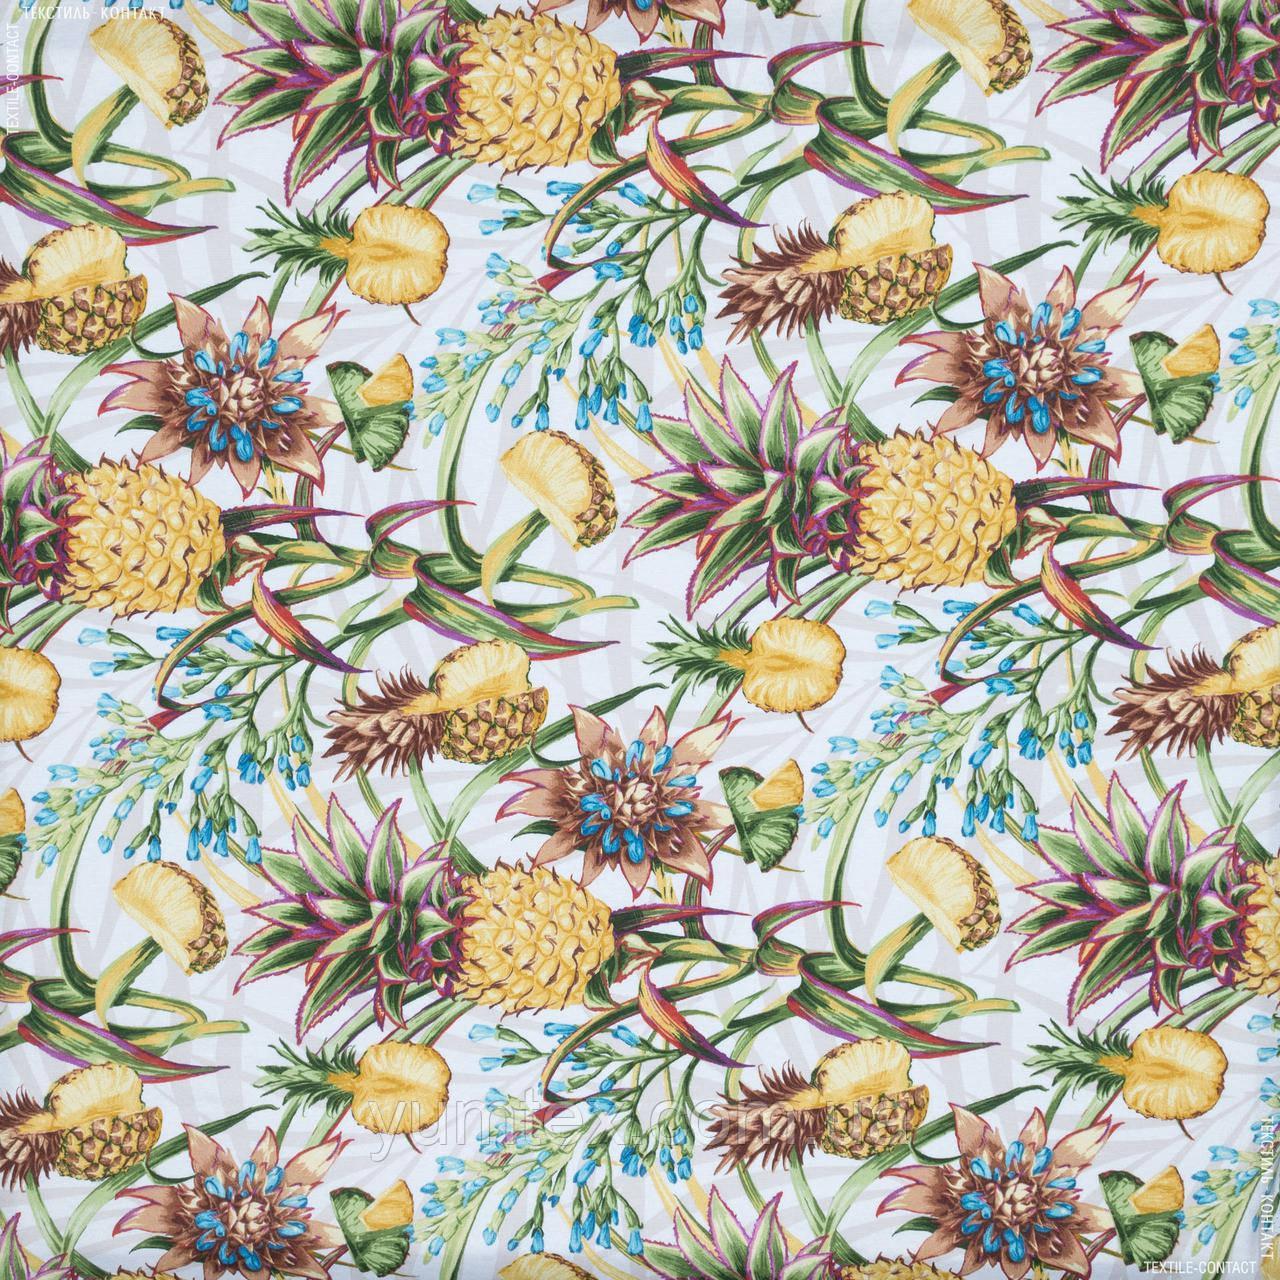 Декоративна тканина лонета пинас/pinas ананаси жовтий,зелений 148842